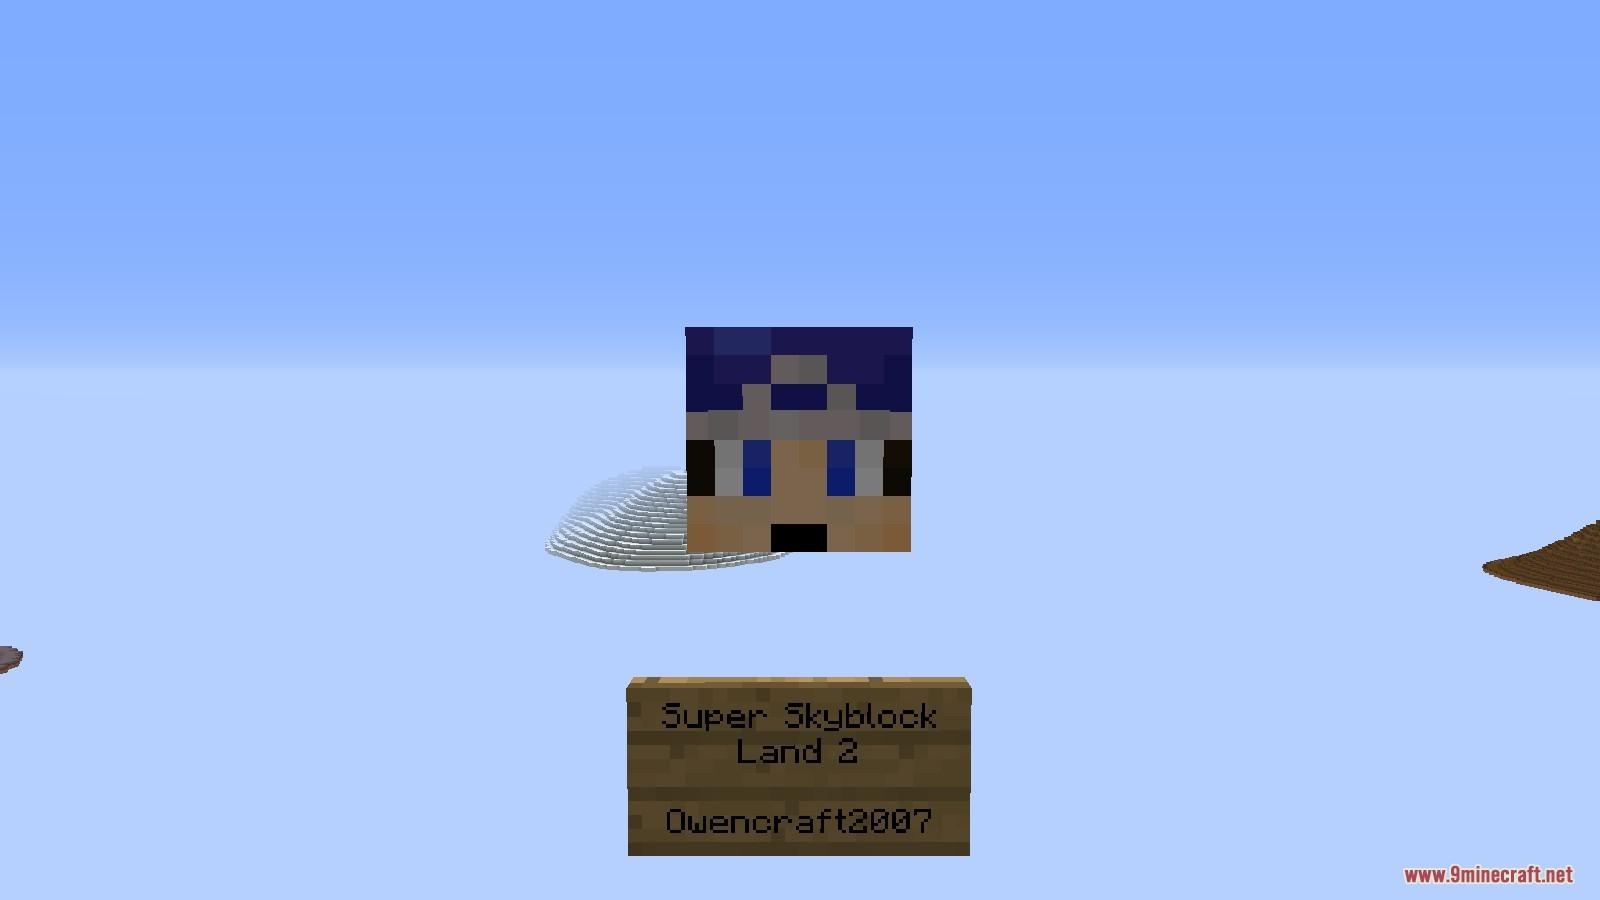 Super Skyblock Land 2 Map Screenshots (1)